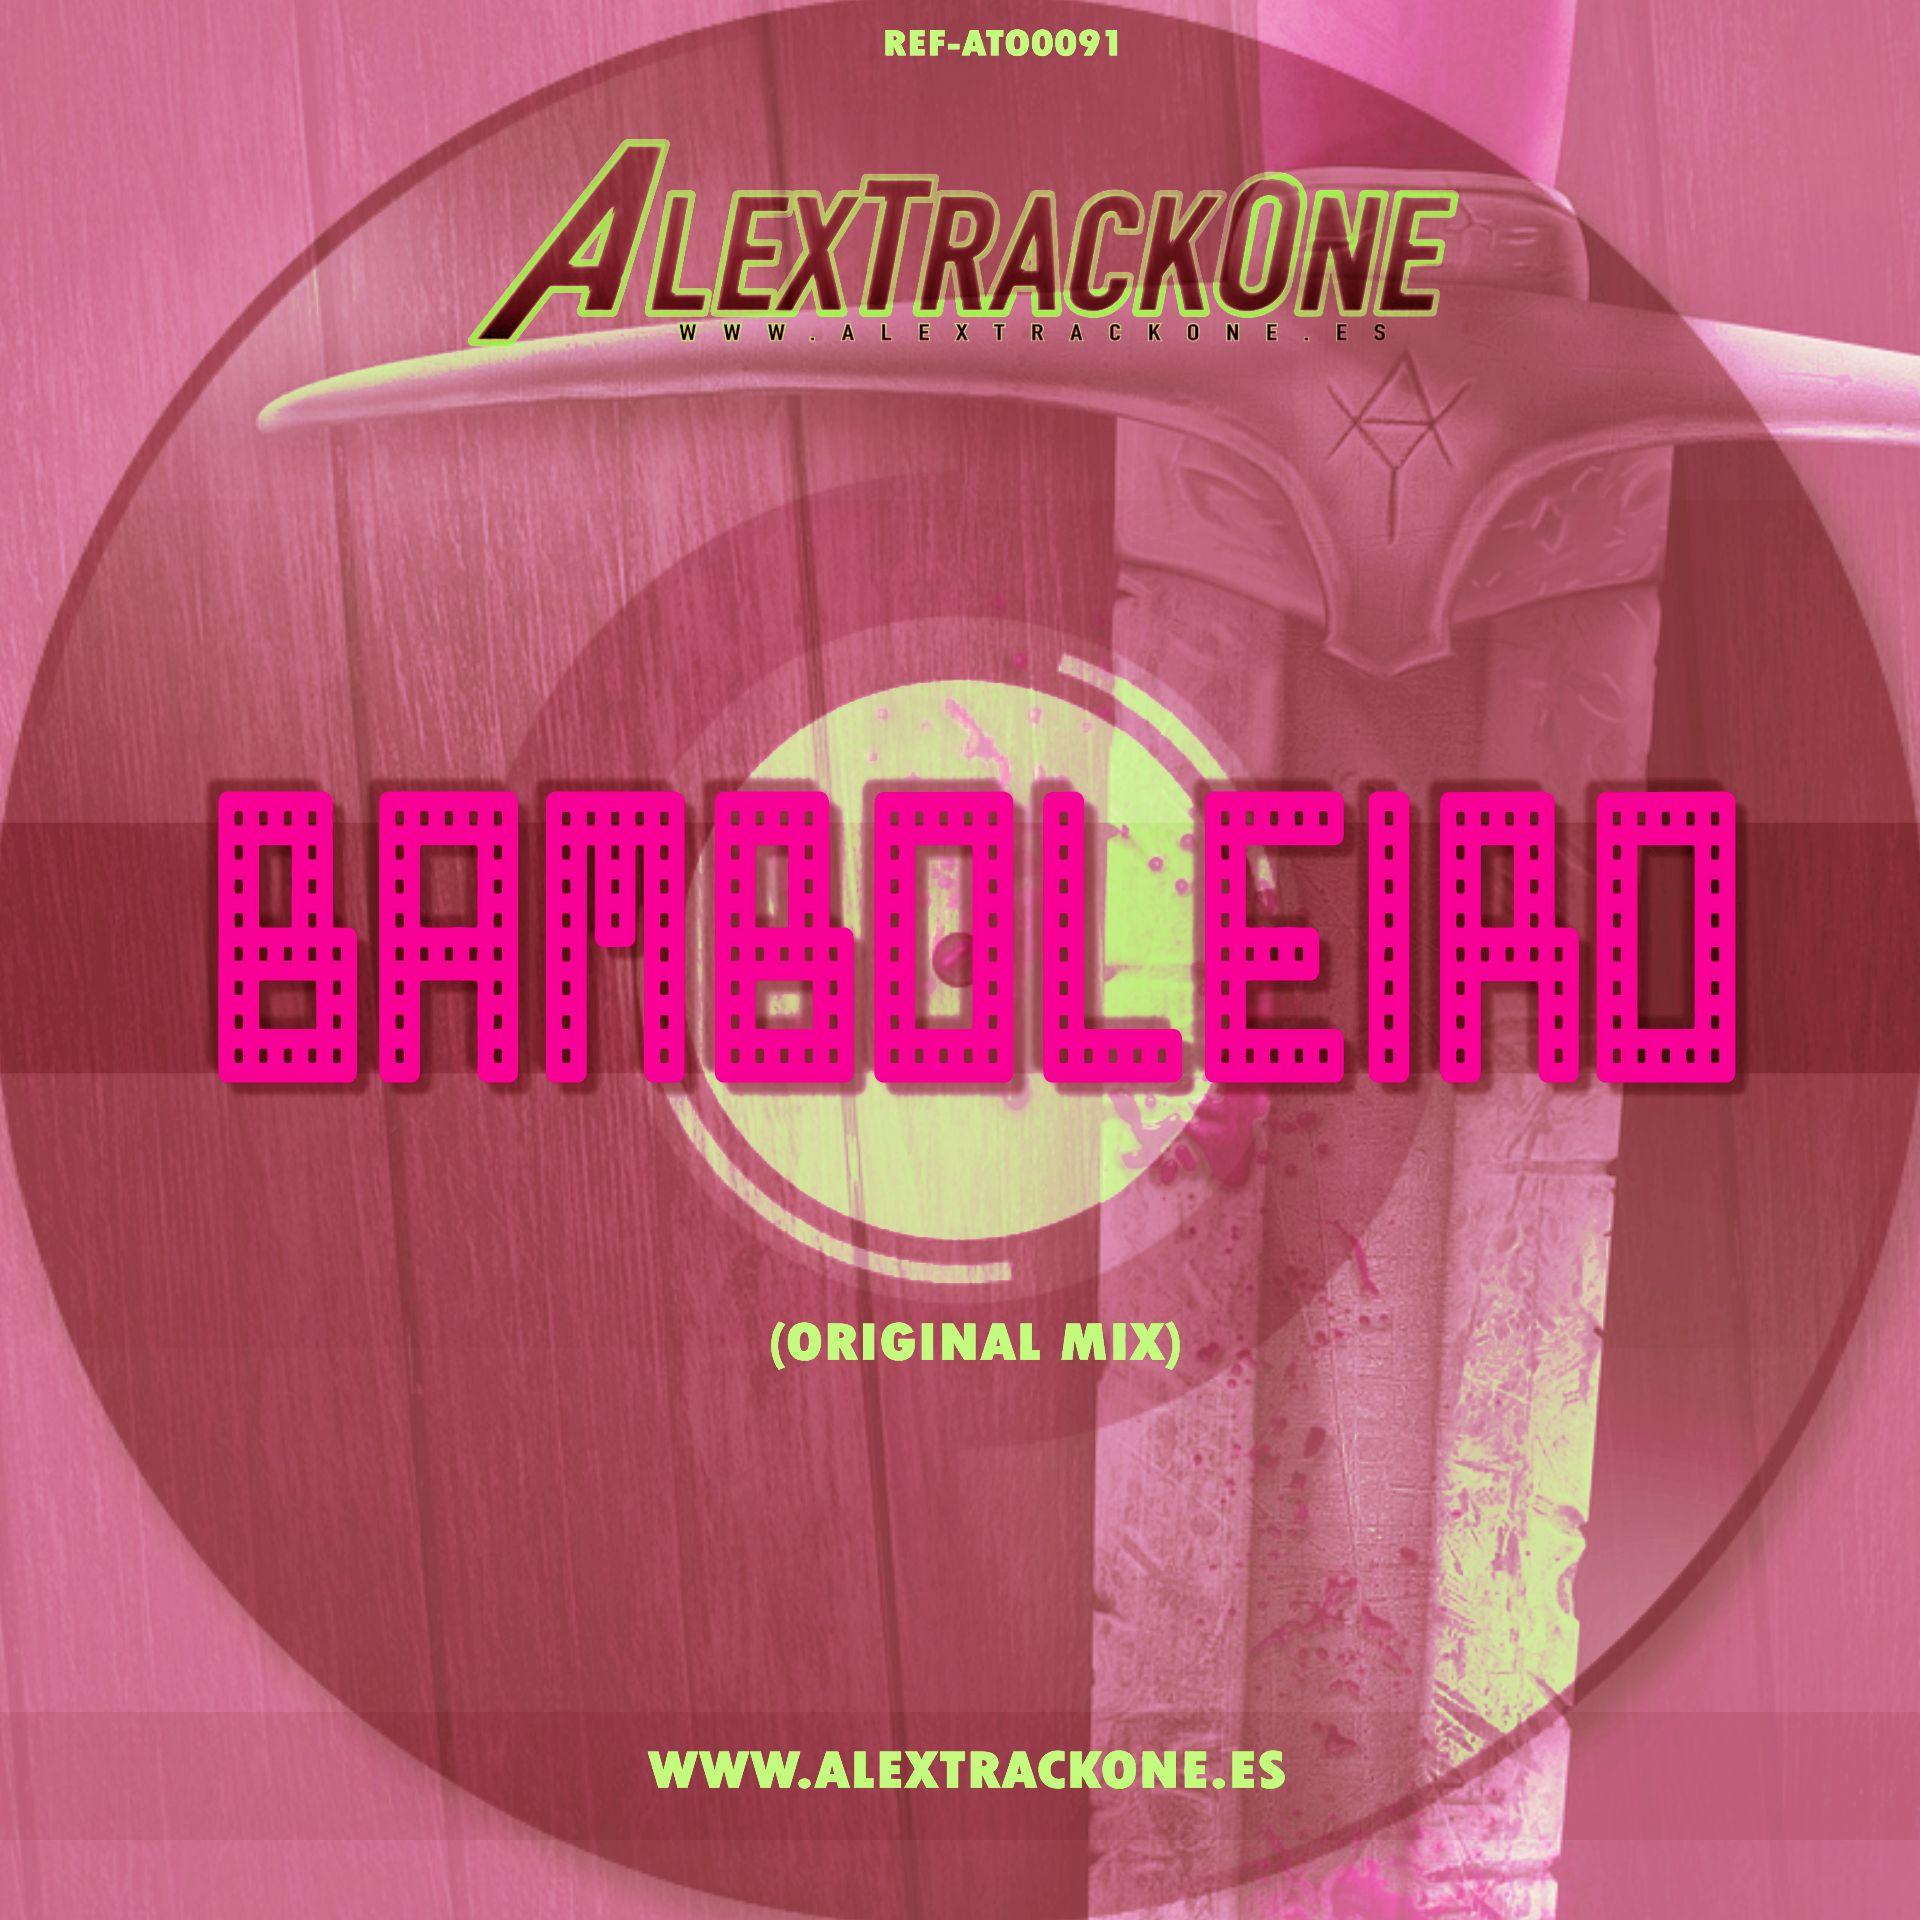 REF-ATO0091 BAMBOLEIRO (ORIGINAL MIX) (MP3 & WAV & FLAC)